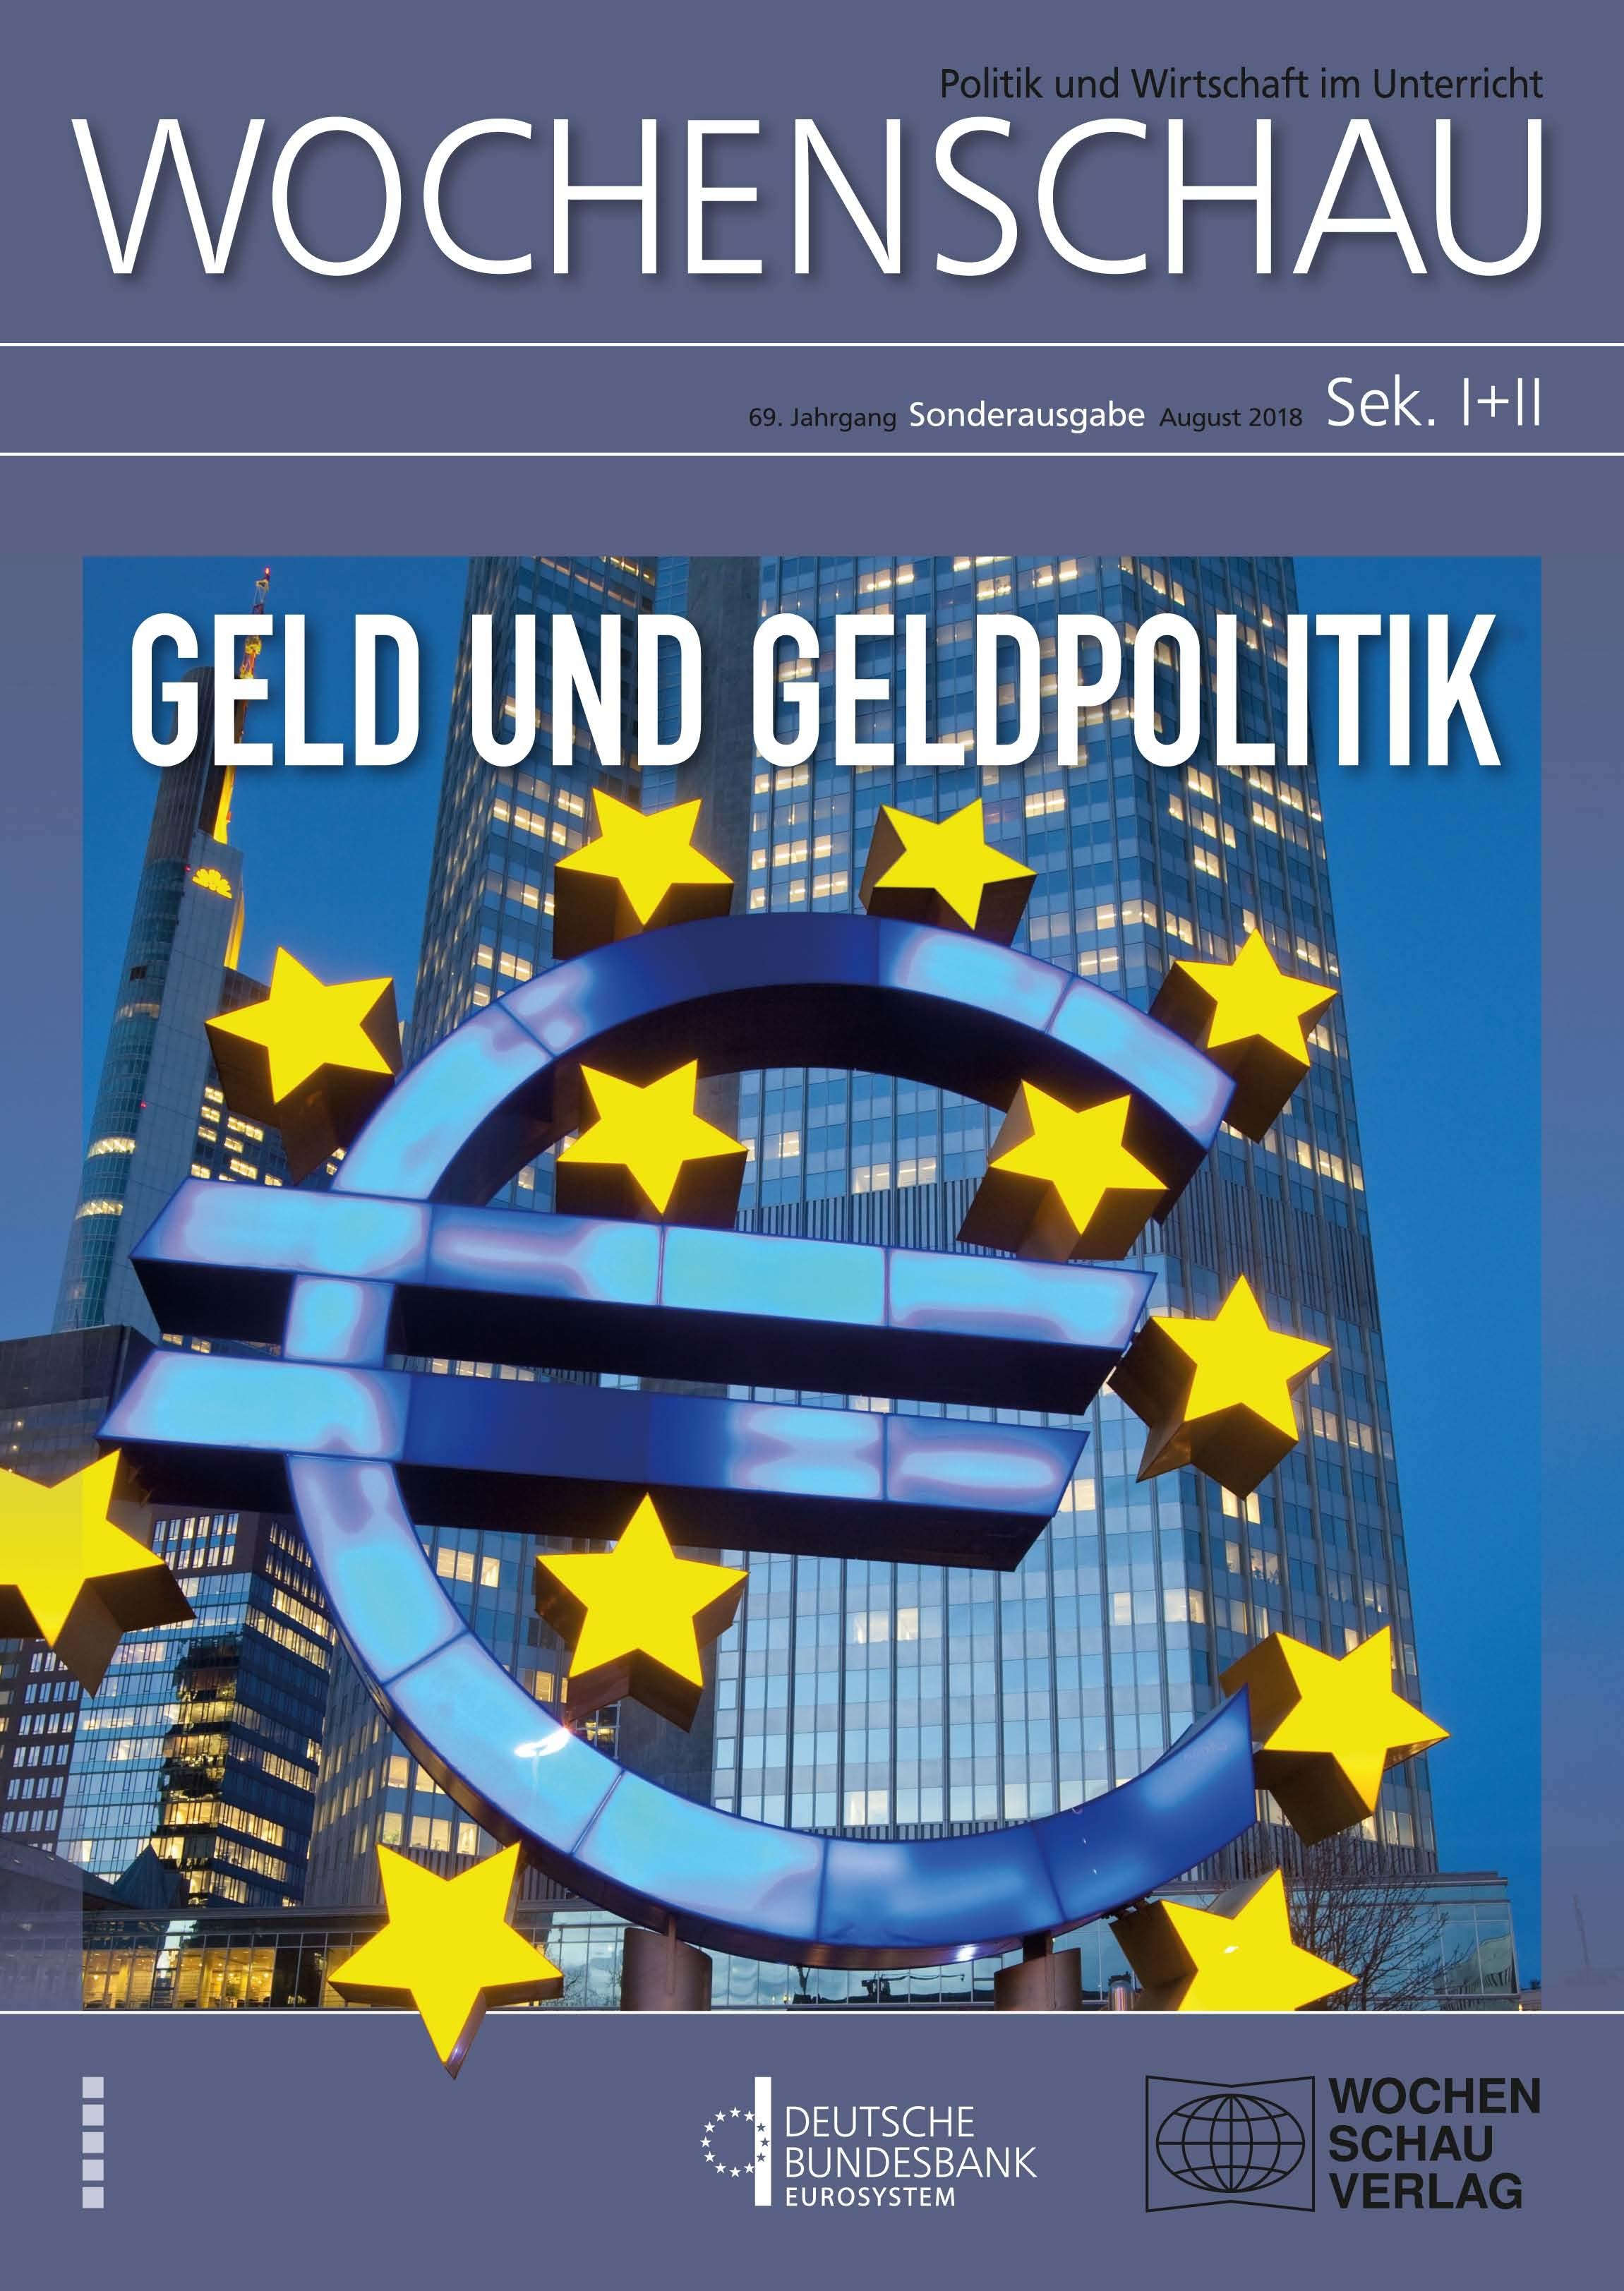 EZB, Geld, Geldpolitik, Inflation, Bargeld, Buchgeld, Währungsunion, Zinsen, quantitative Lockerung, Sonderausgabe, Bundesbank